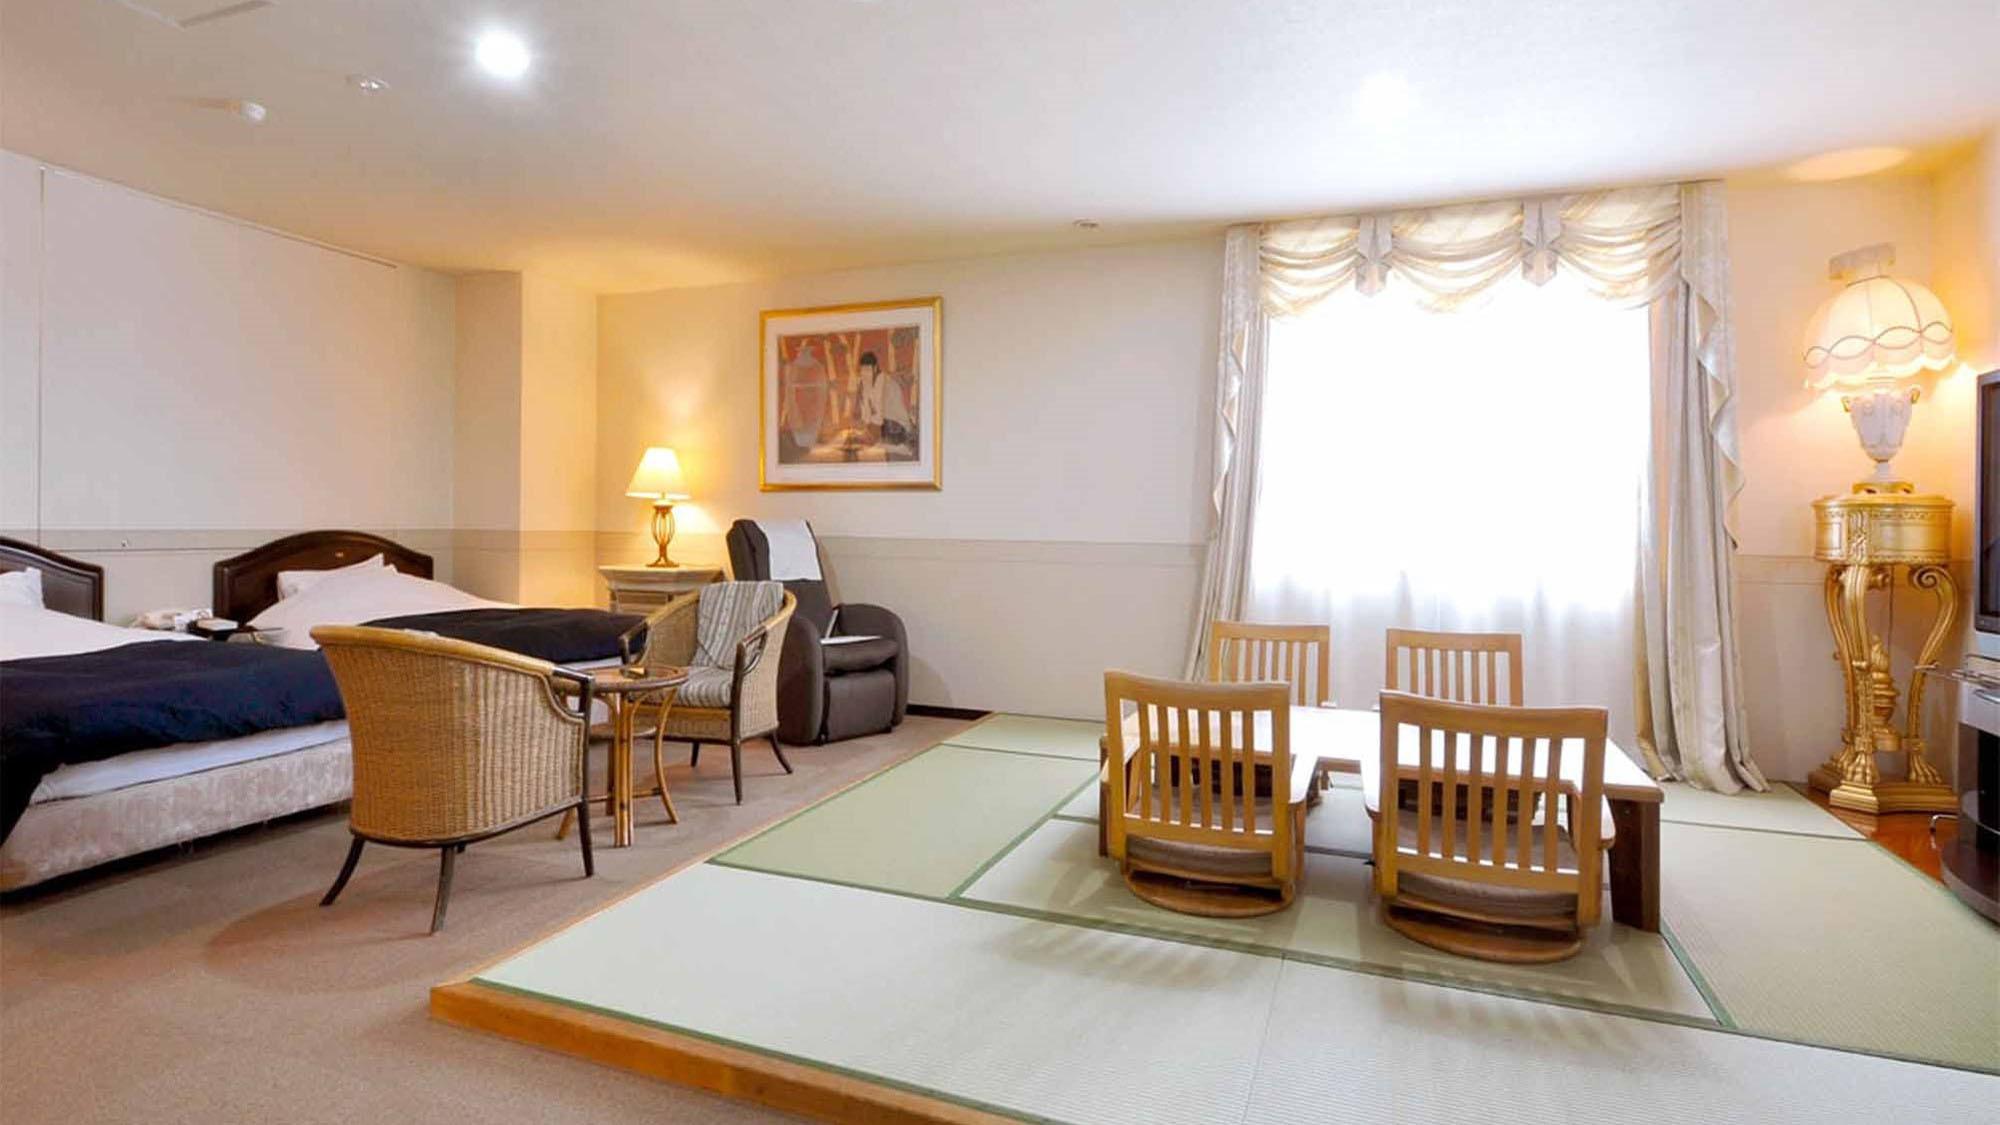 【和洋室】当ホテルで2ルームしかない和洋折衷の贅沢なお部屋。